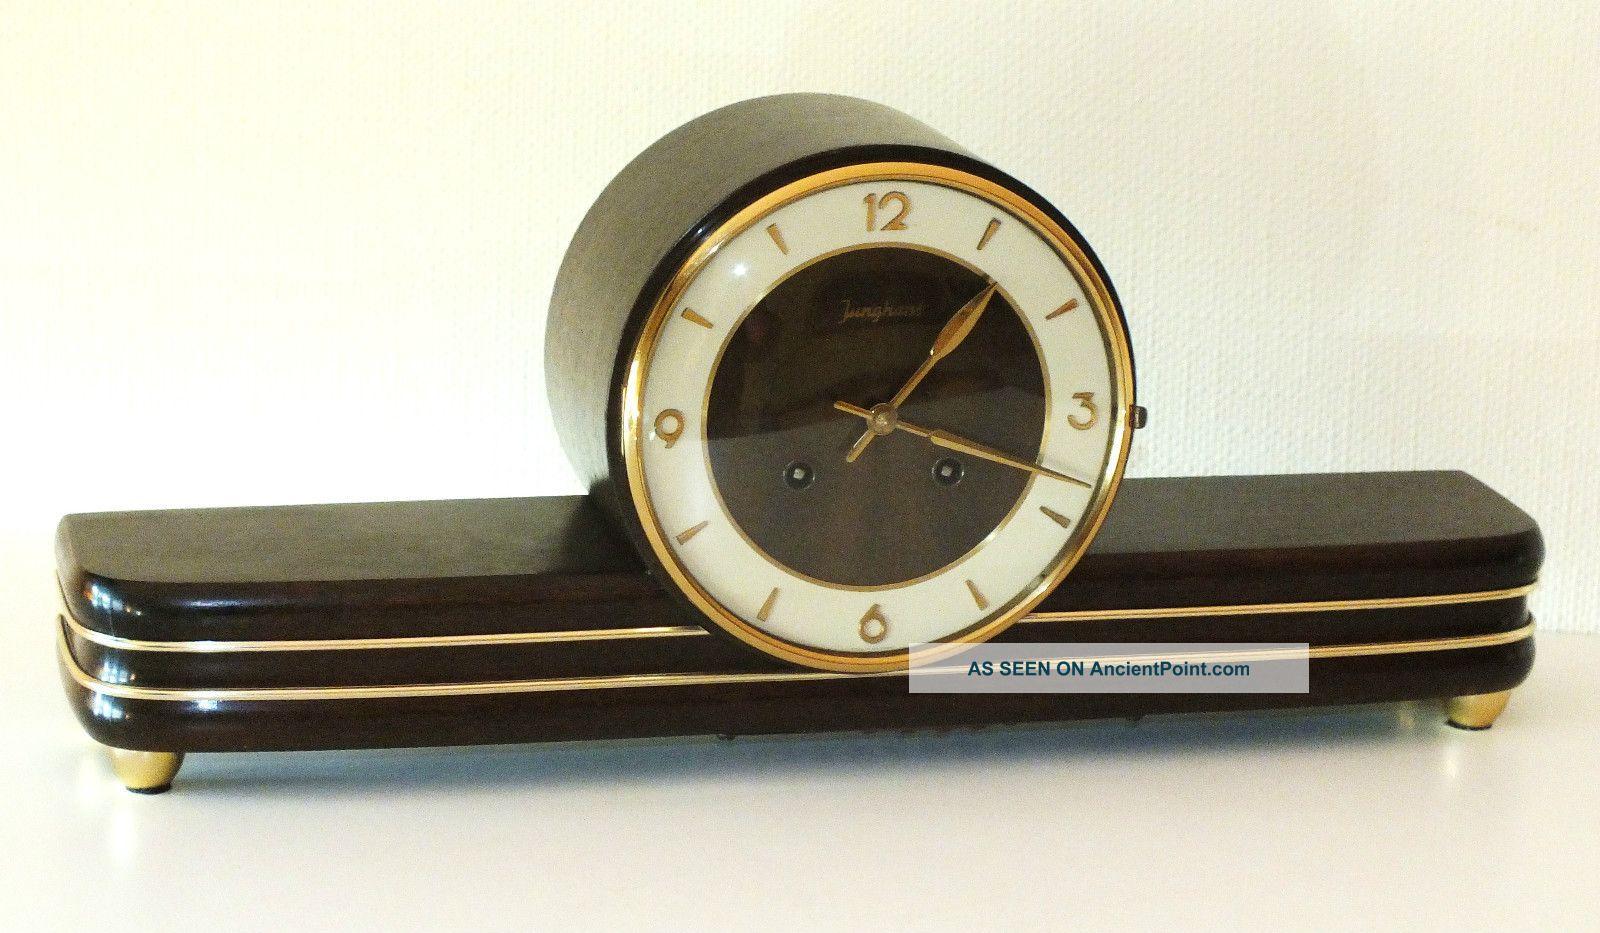 Junghans Chiming Mantel Clock Art Deco Bauhaus Design